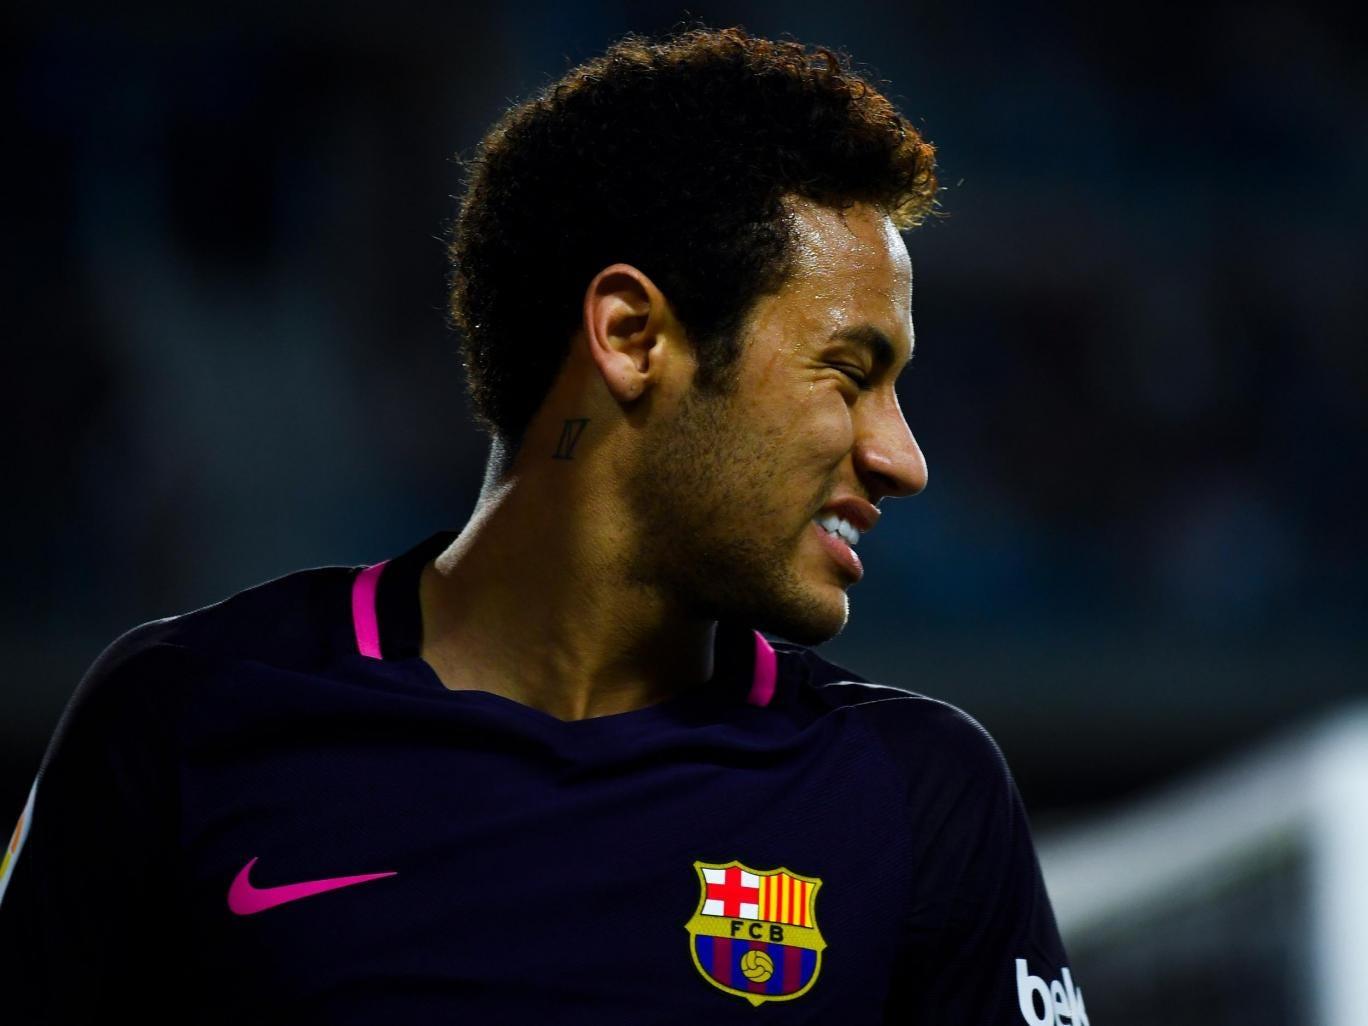 Situs Taruhan Bola Online - Verratti Ingin Neymar di PSG